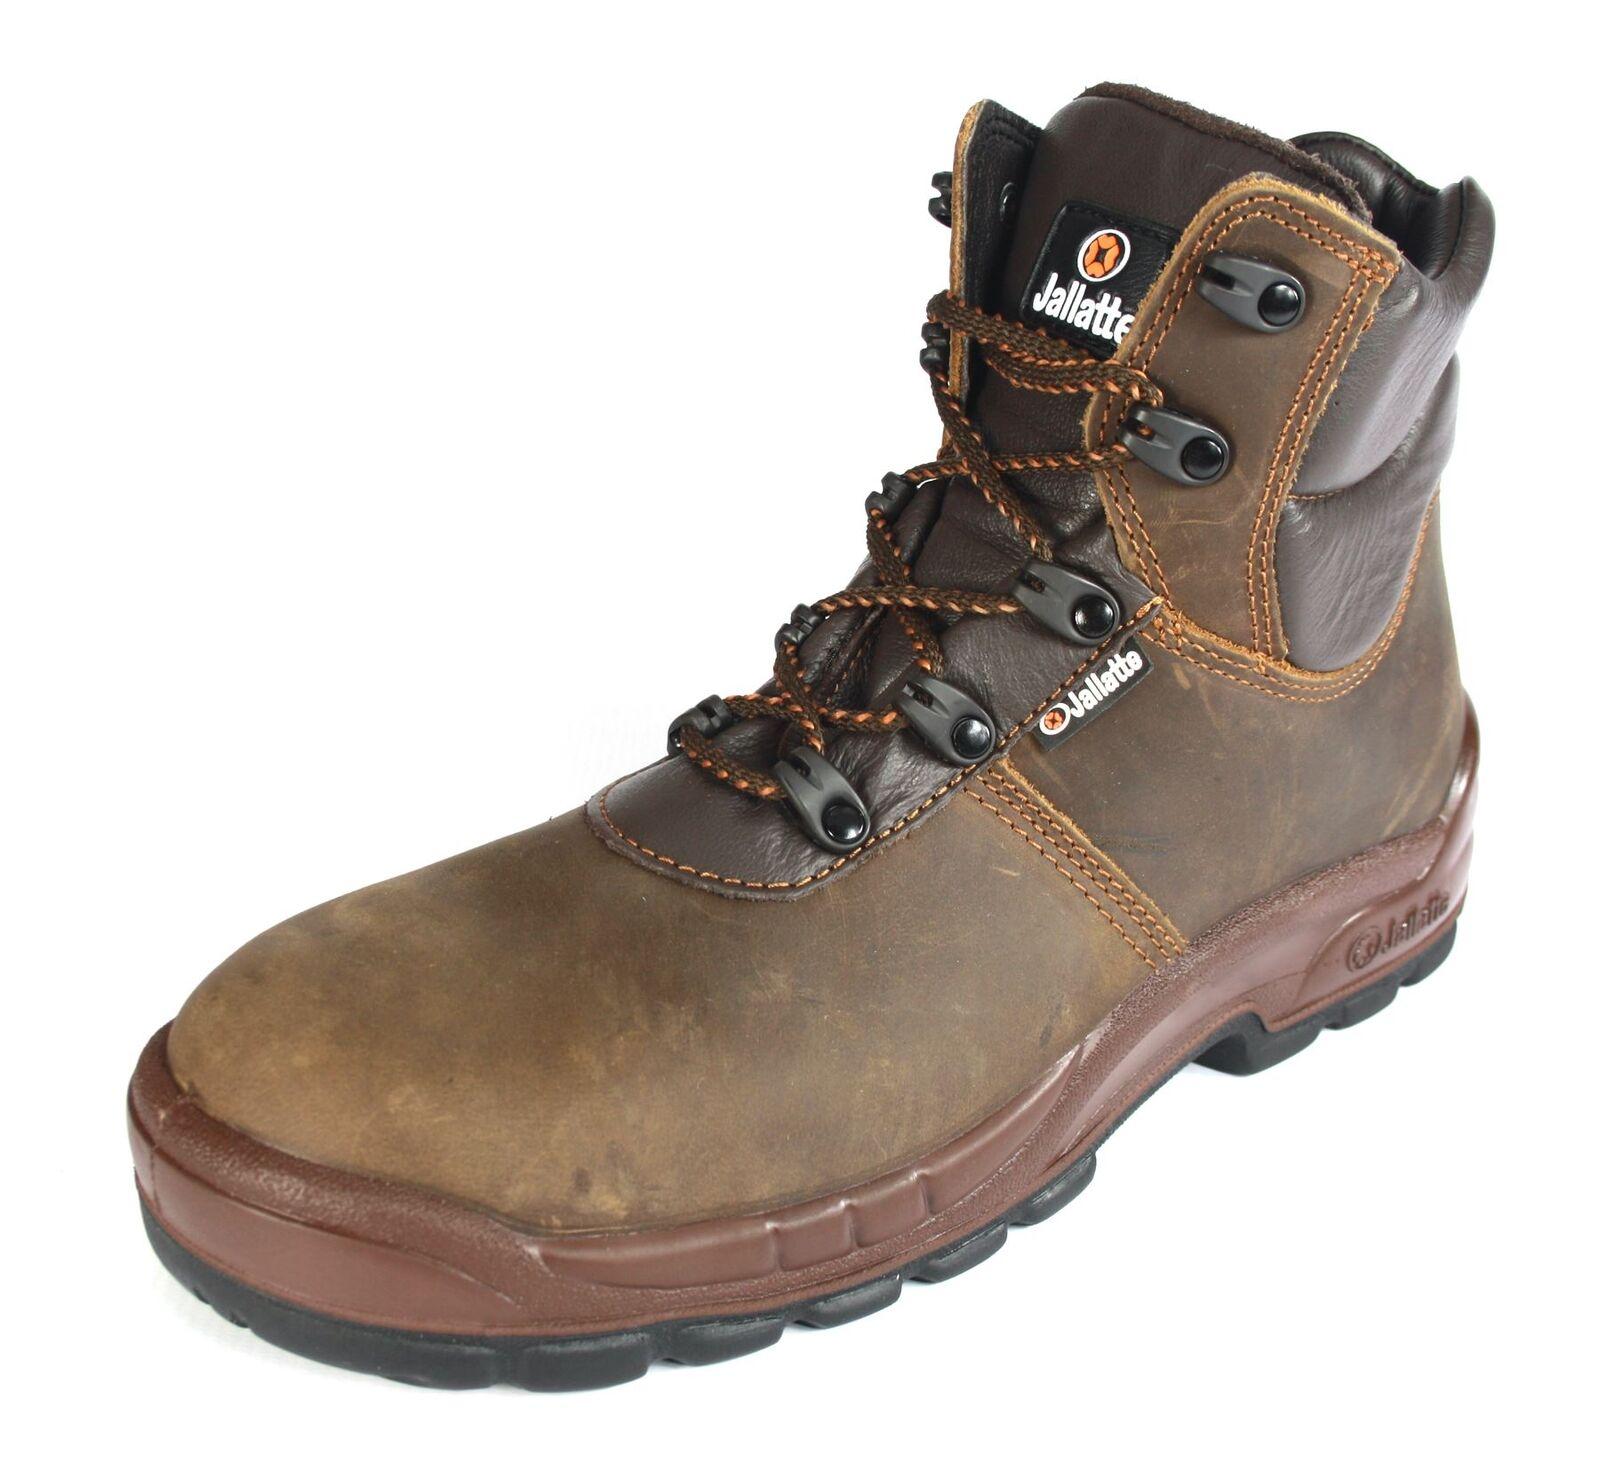 JALLATTE jalloki BROWN S3 Lavoro LEATHER Toecap e intersuola Sicurezza Lavoro S3 Stivali 196ed1